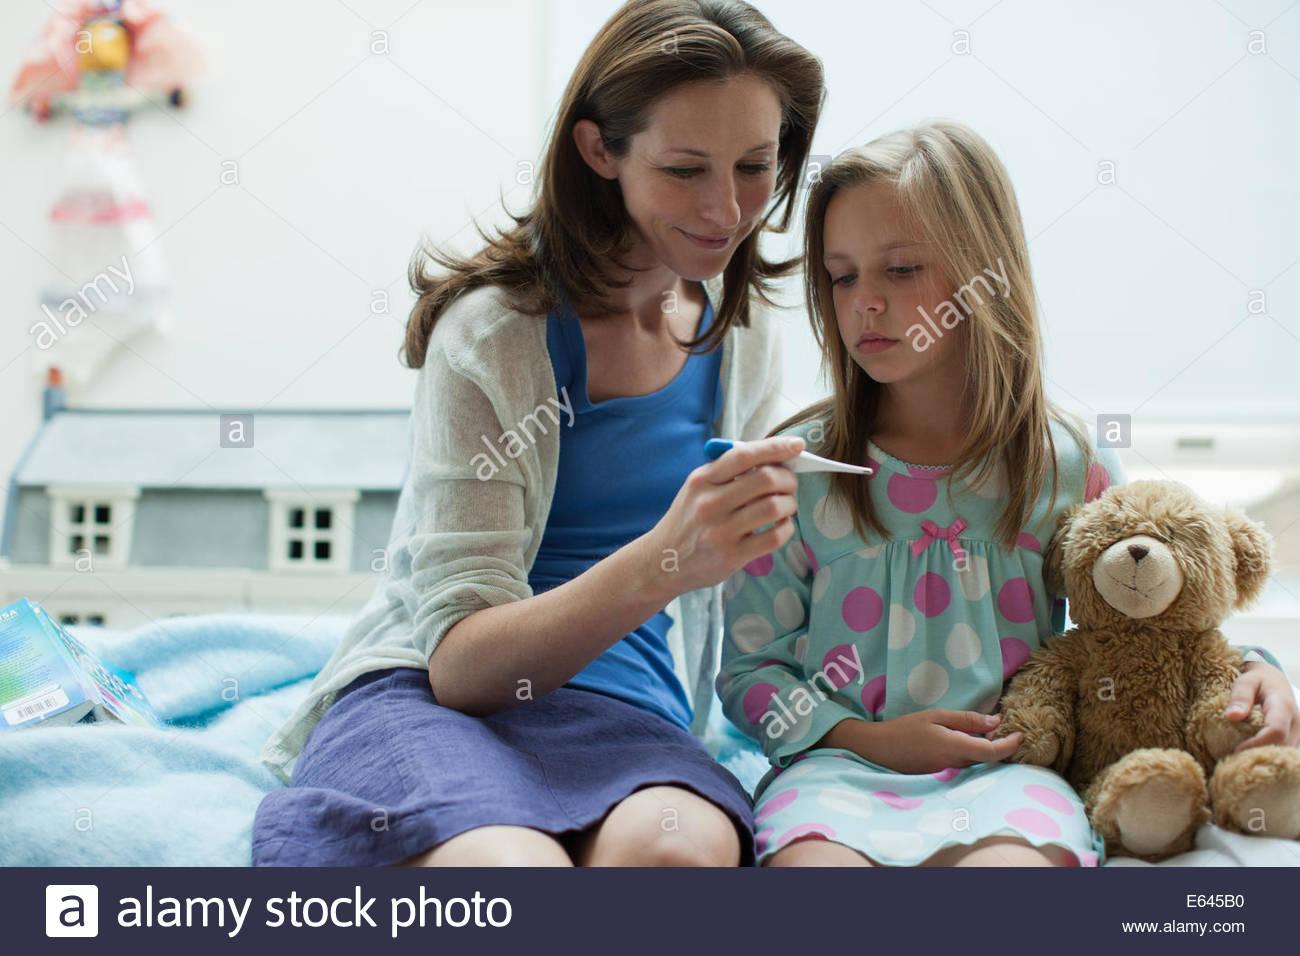 Contrôle de la température de la mère de la fille avec un thermomètre digital Photo Stock